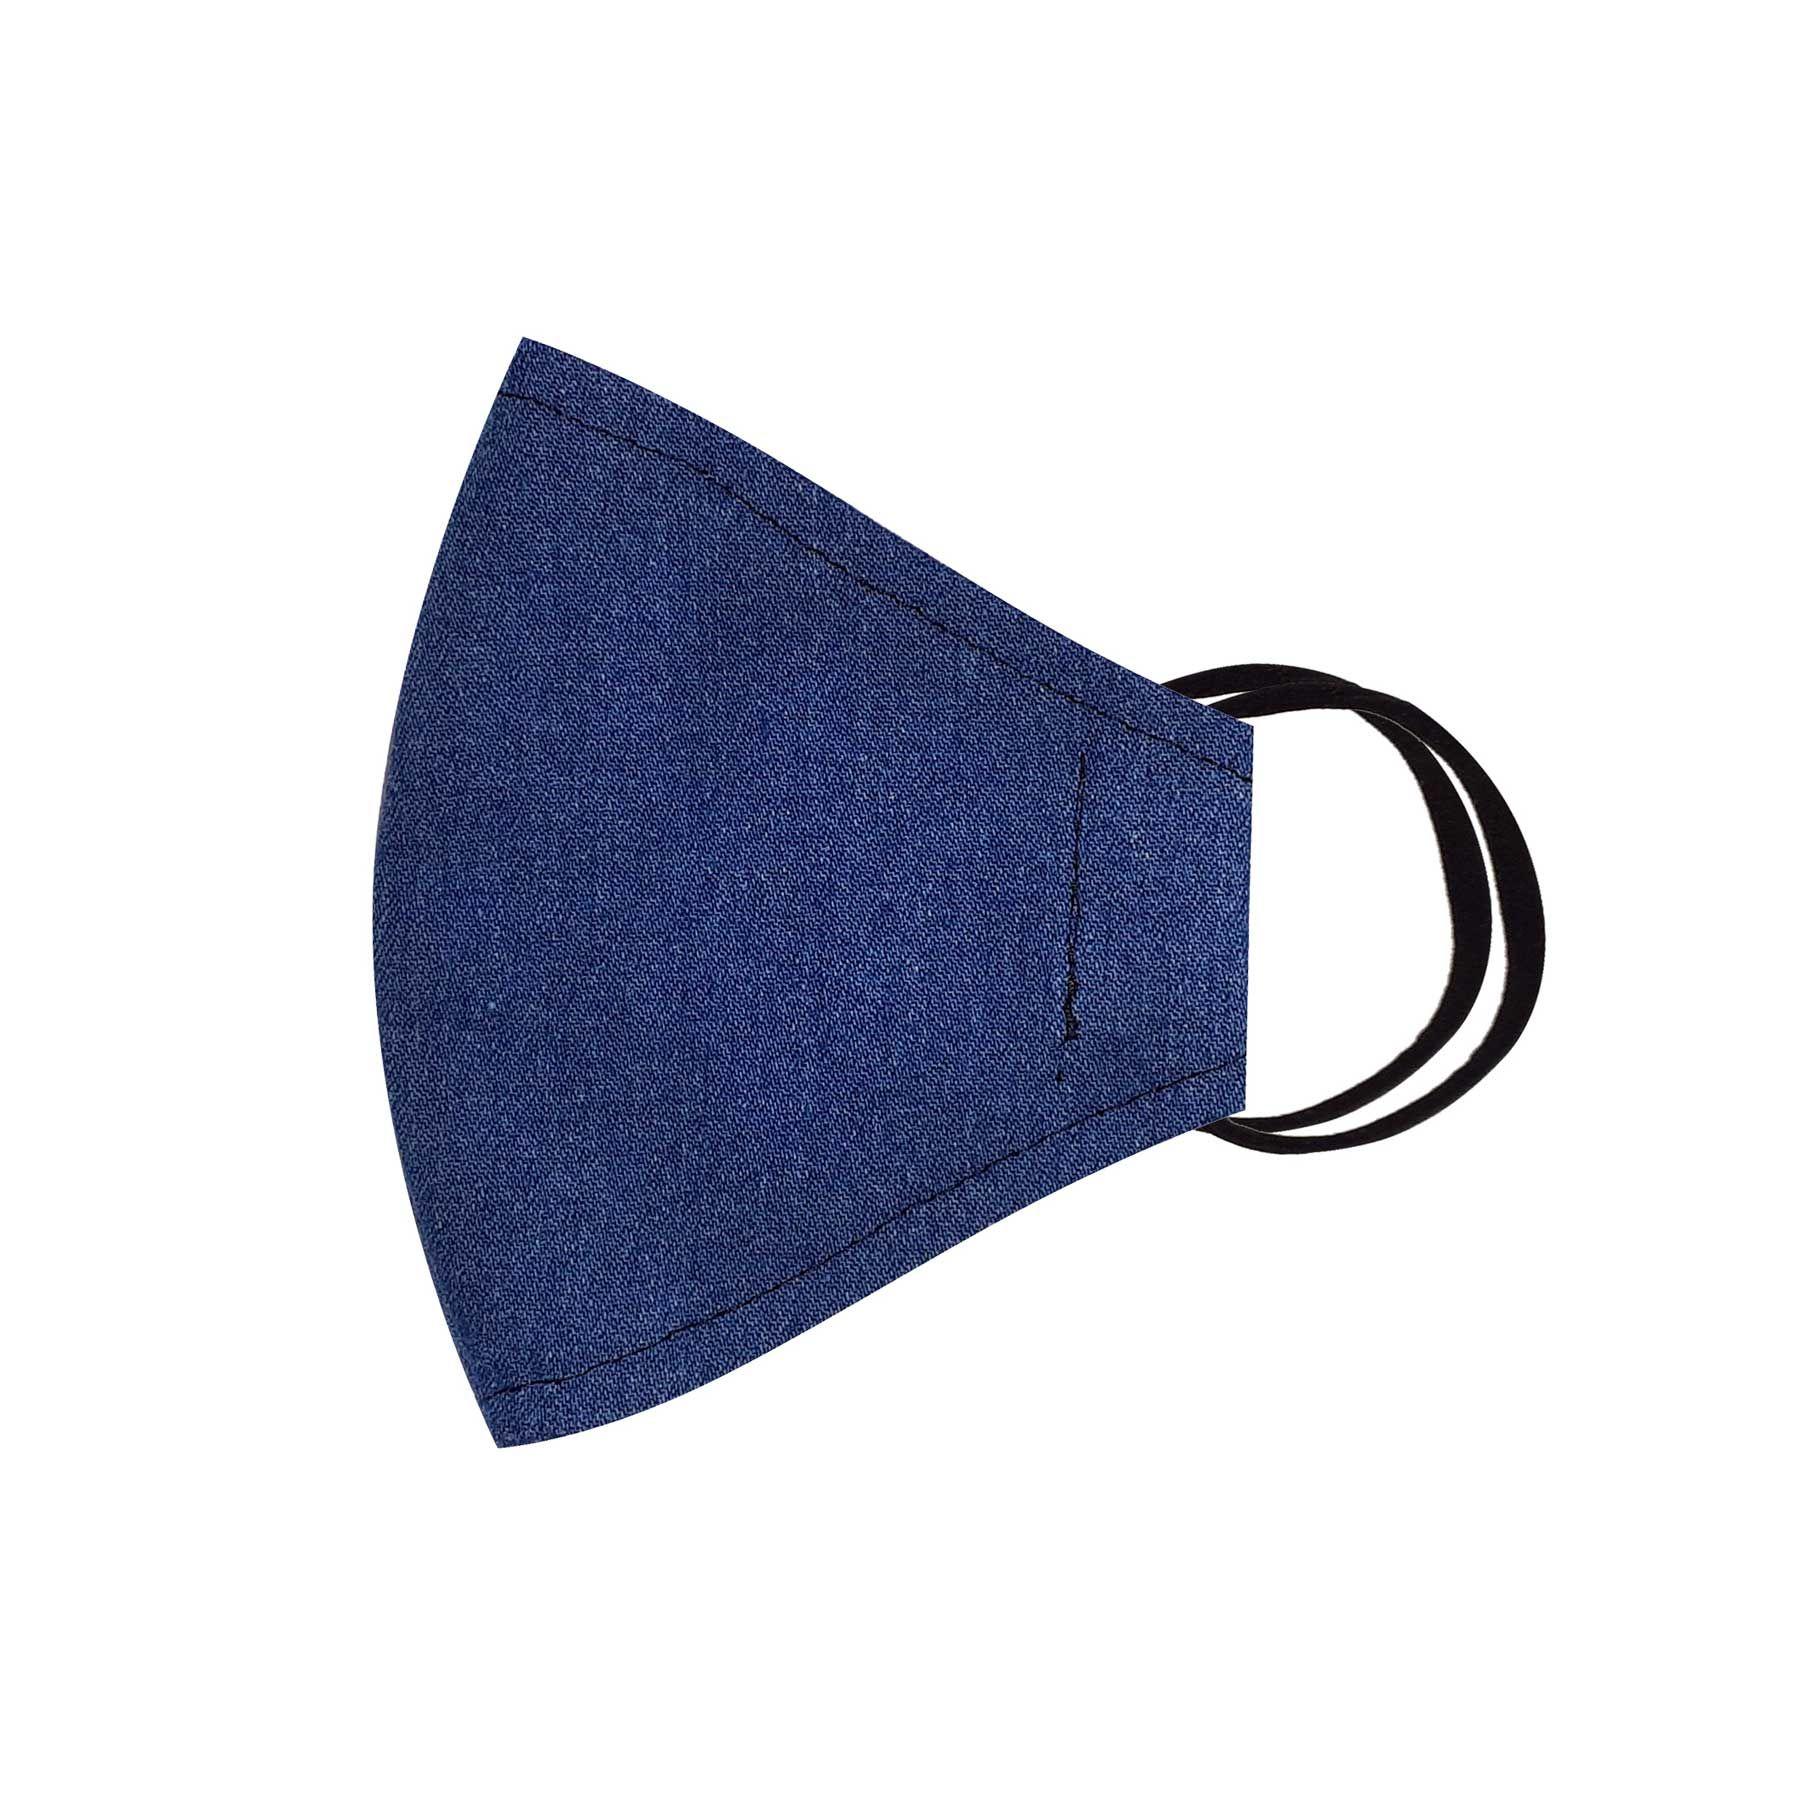 Módní třívrstvé bavlněné ústní roušky tvarované, džínové tmavě modré s gumičkami pánské